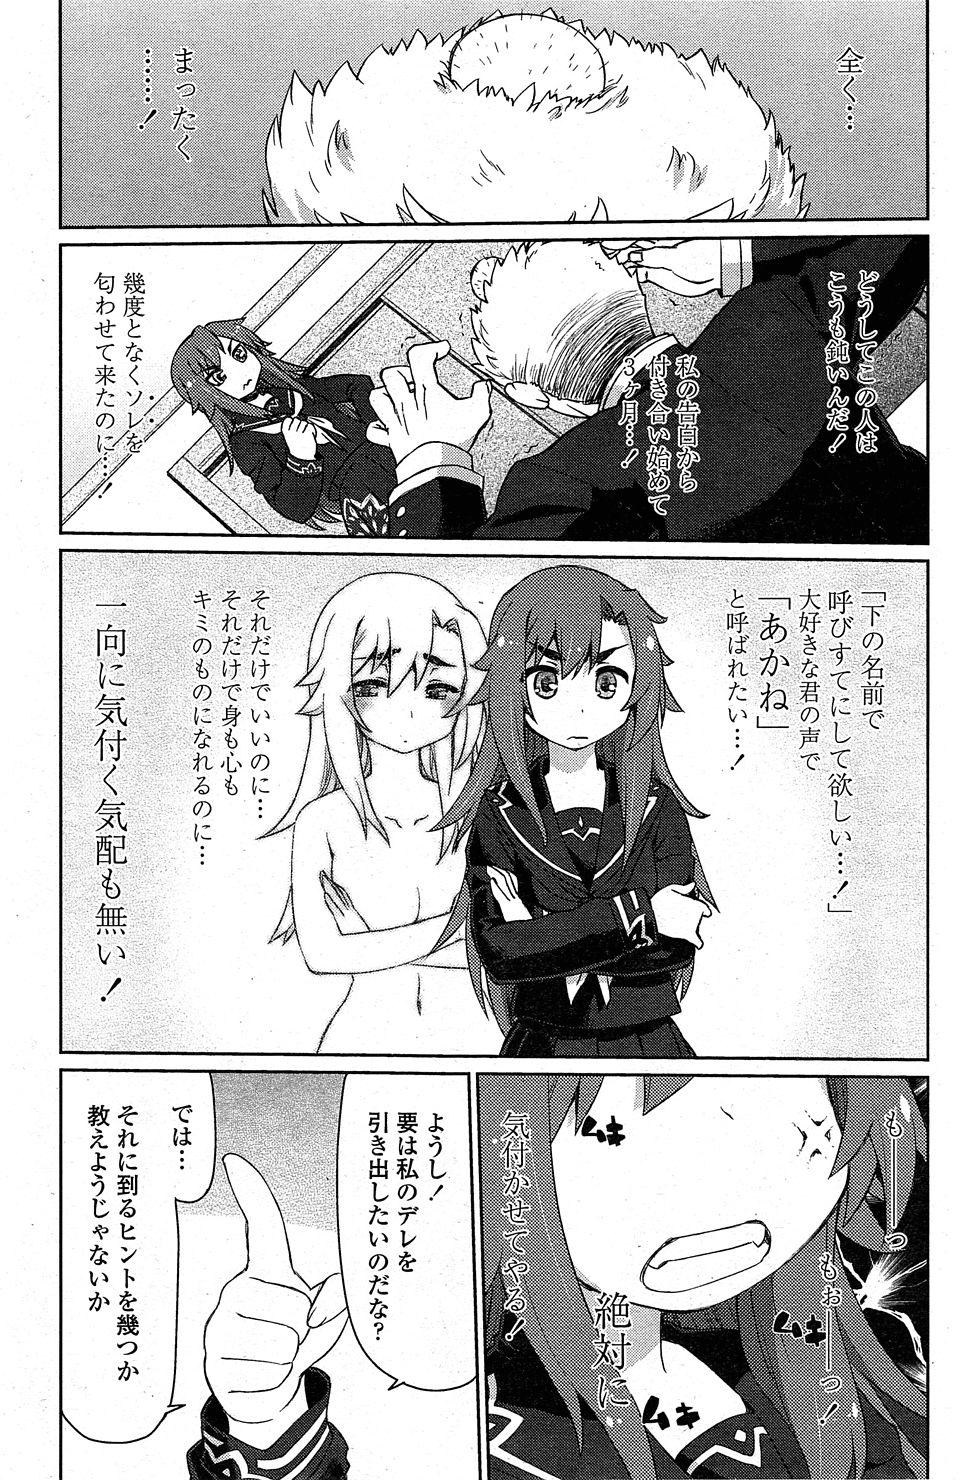 【エロ漫画・エロ同人誌】ちっぱい女子校生な彼女のデレを引き出そうと頑張る彼氏w結局ラブラブな雰囲気でセックスしたらデレてるしwww (3)